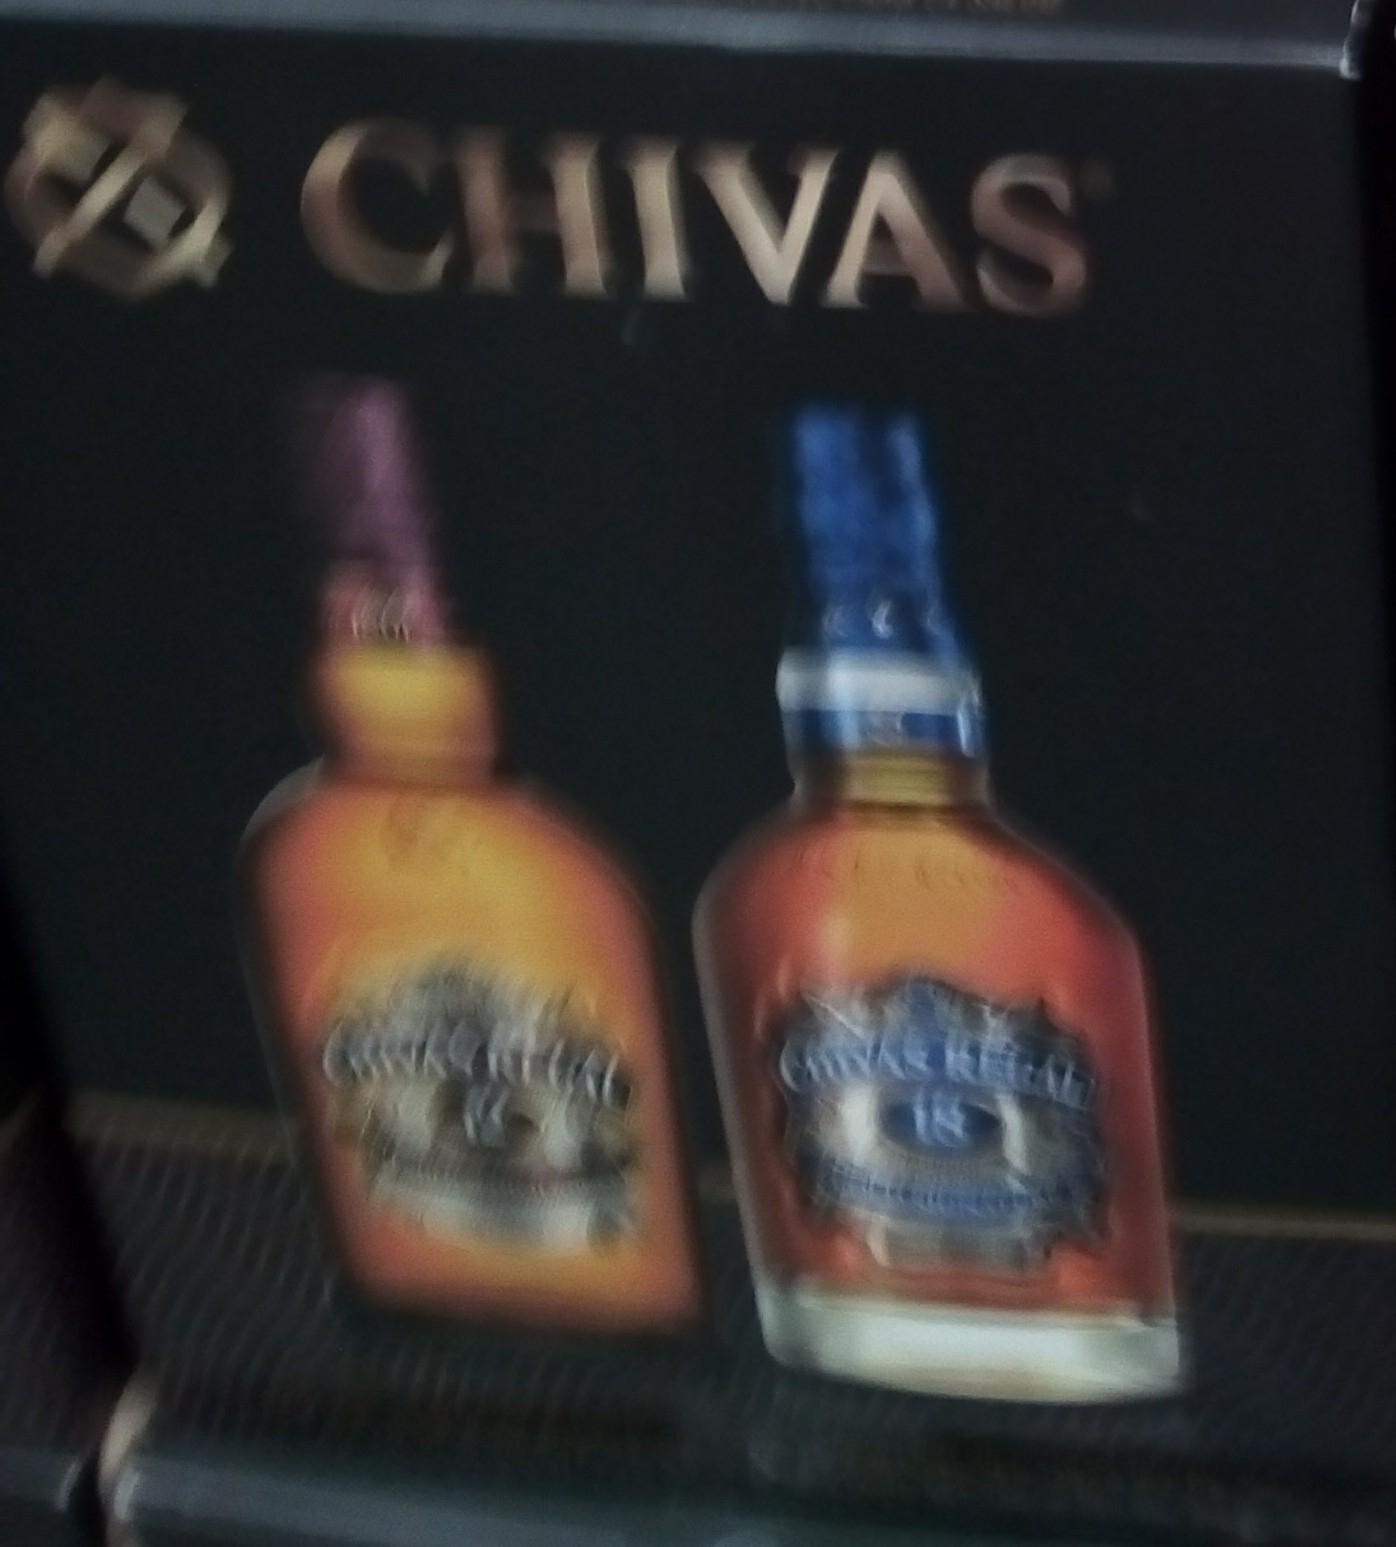 Costco Chivas 18 + Chivas 12